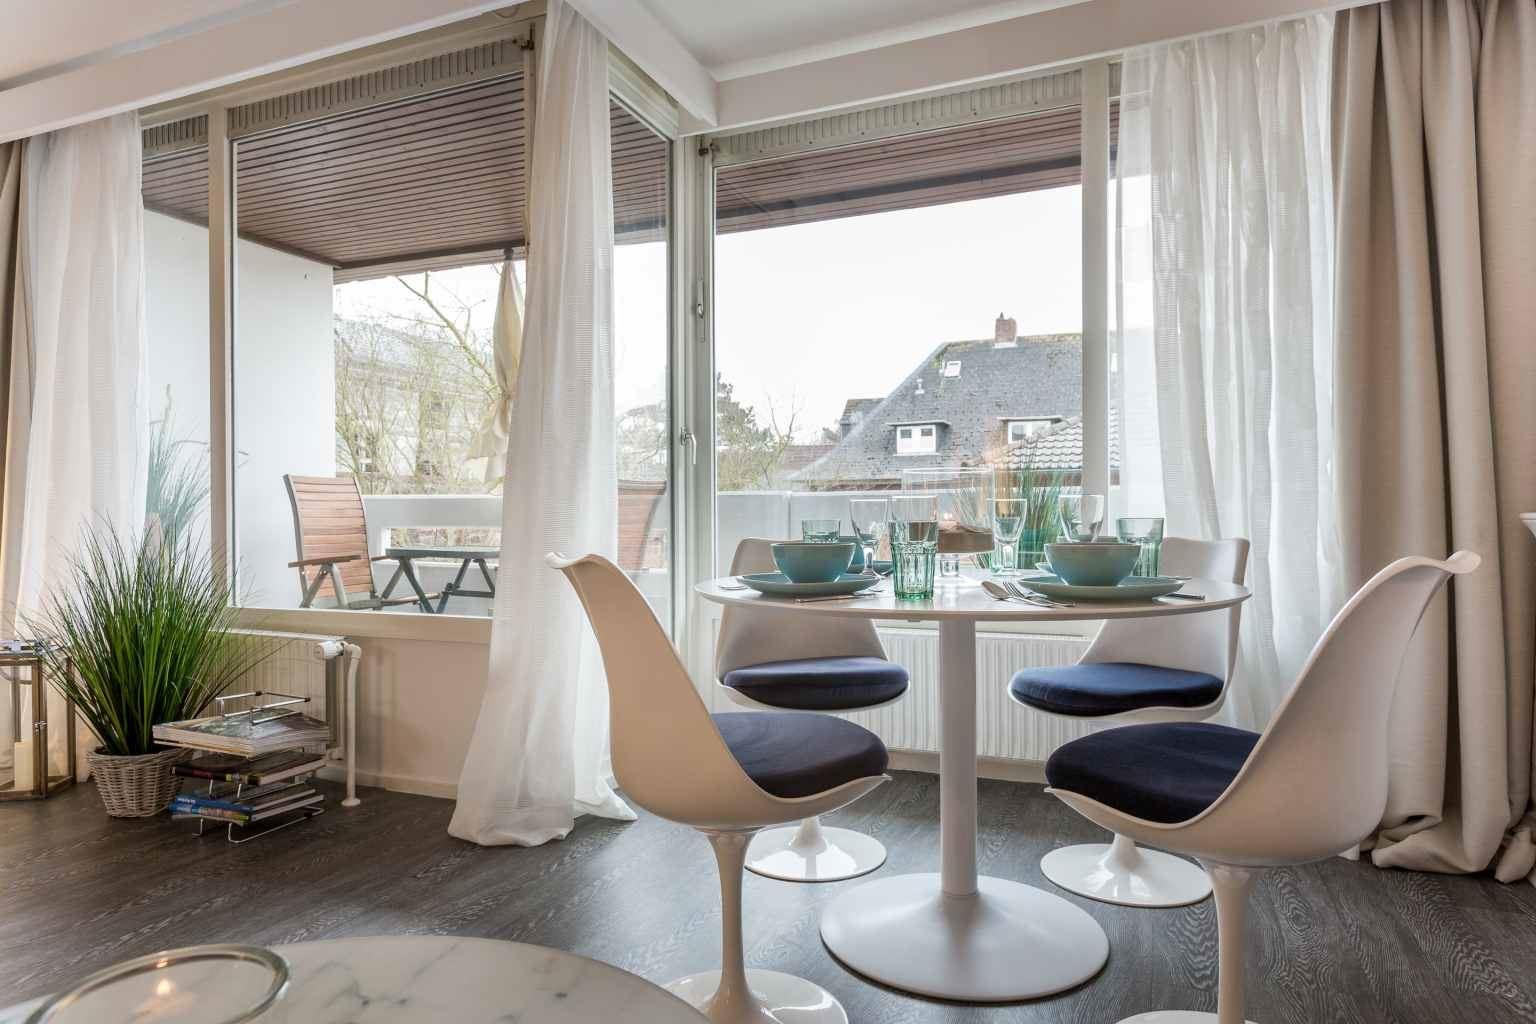 Wohnzimmer mit Essbereich - Haus Loreley, Wohnung 26, Im Bad 37, St. Peter-Bad